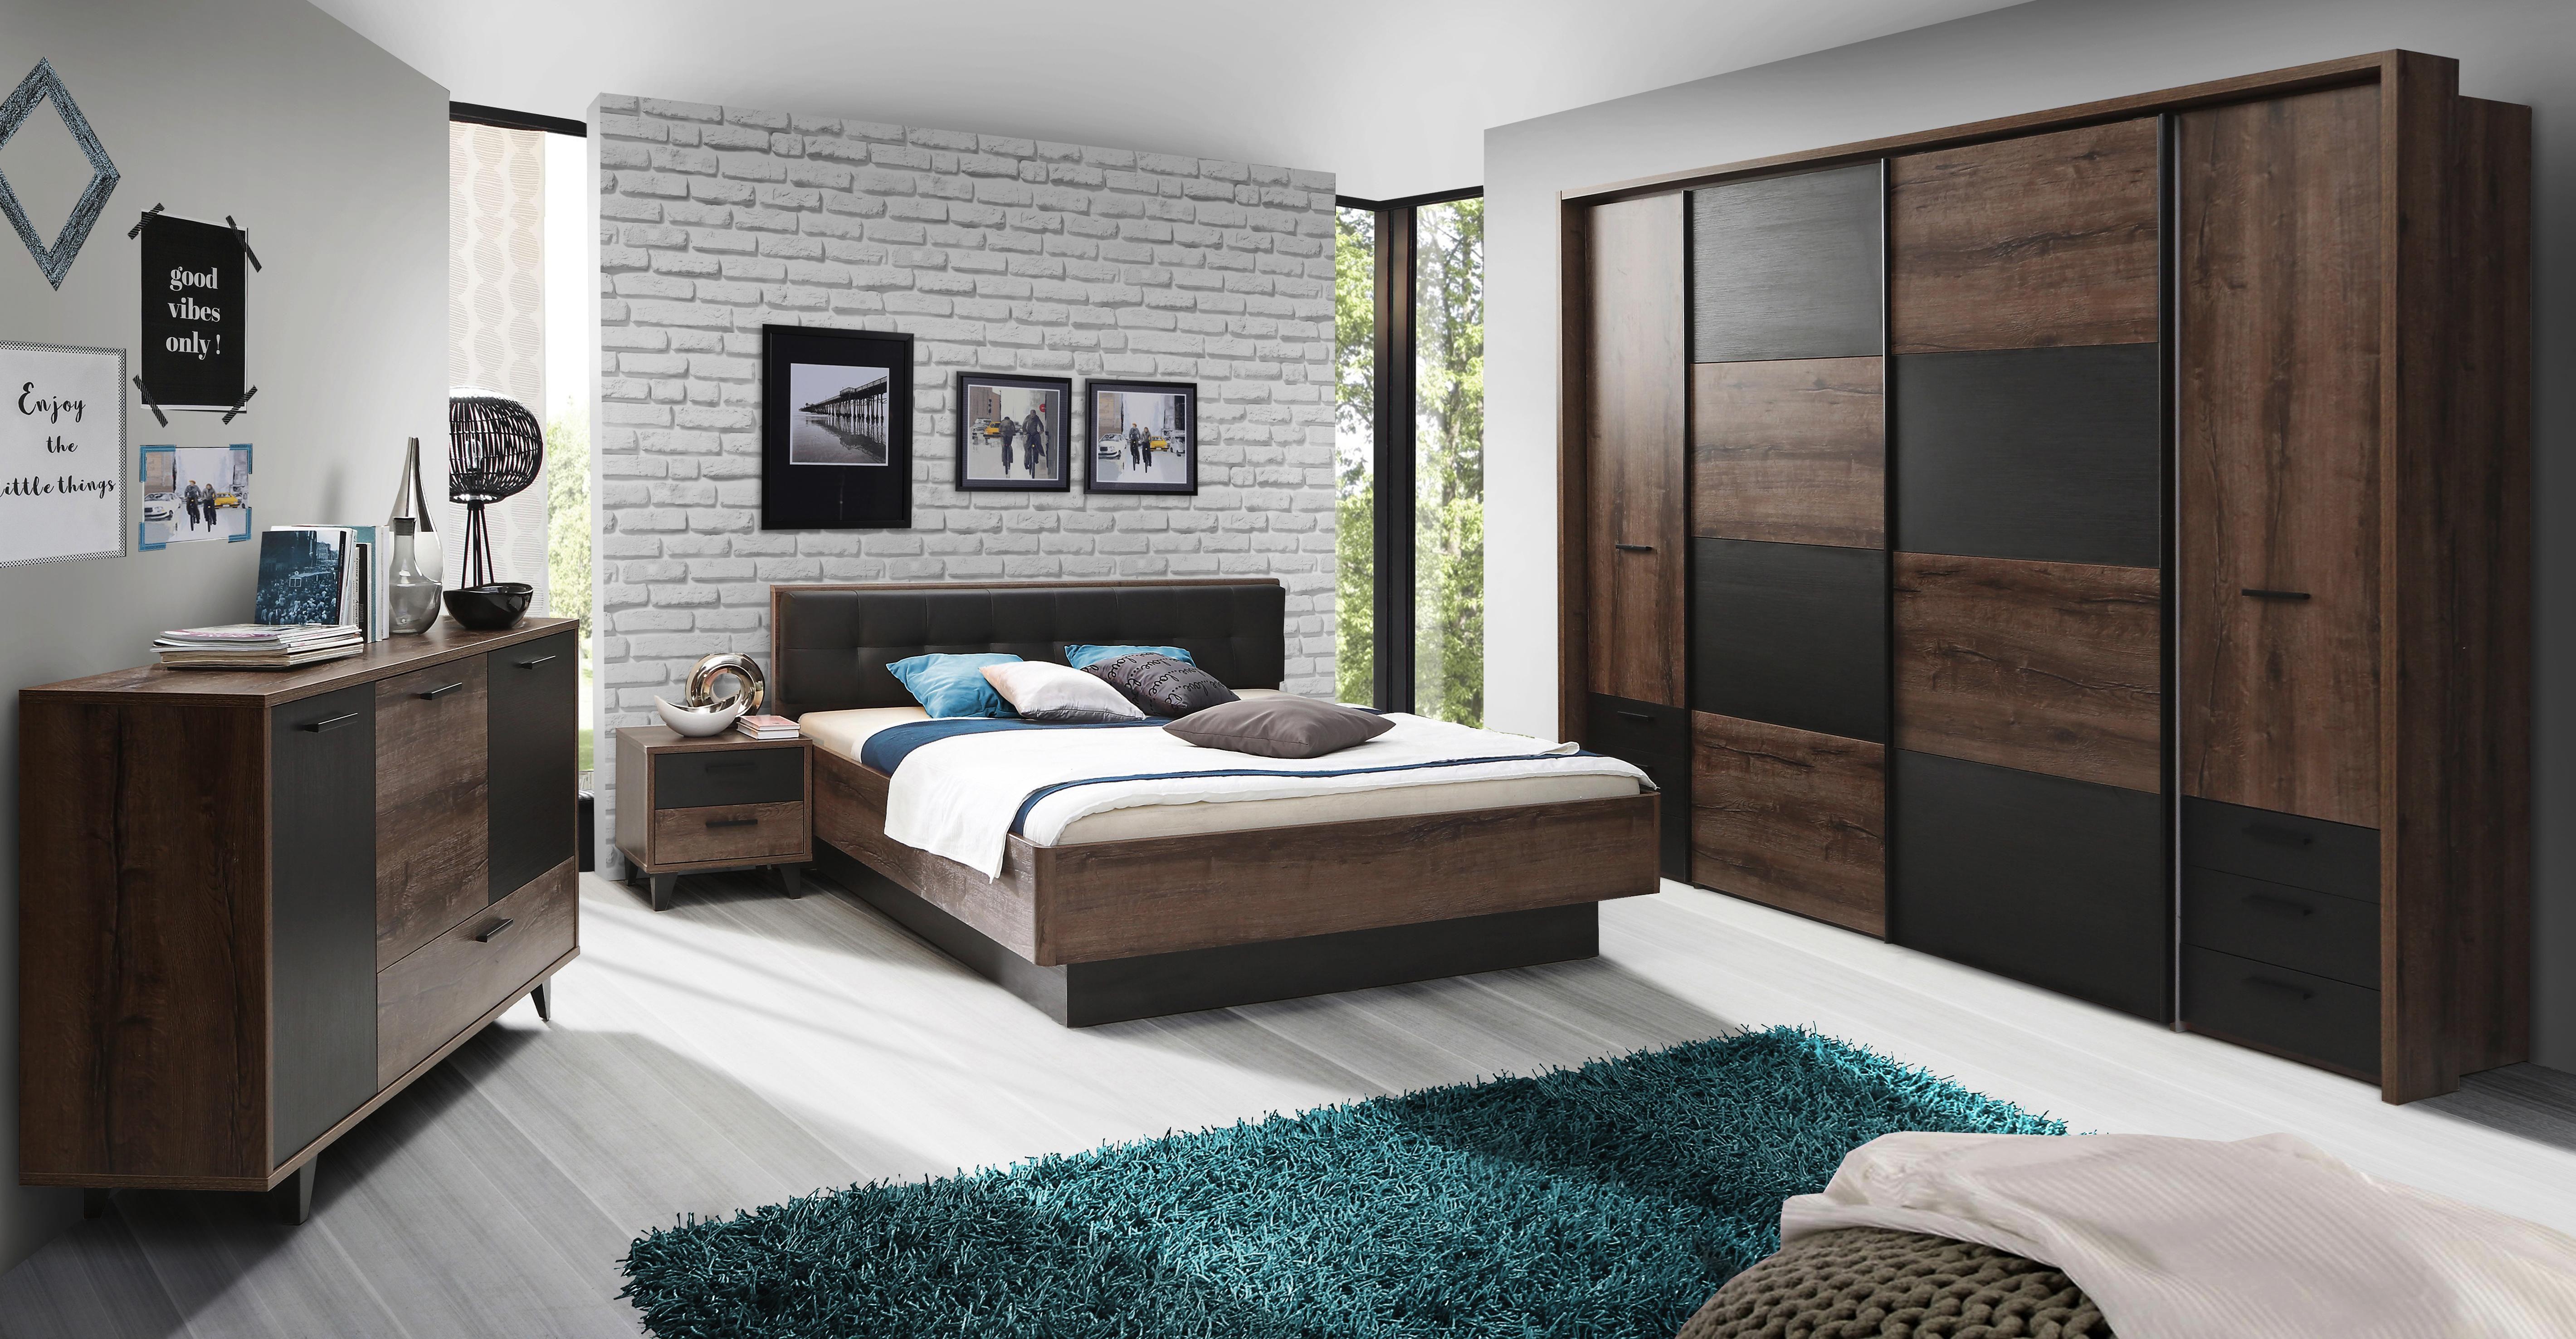 Gemütlich Faszinierende Vintage Schlafzimmermobel Romantisch Und ...